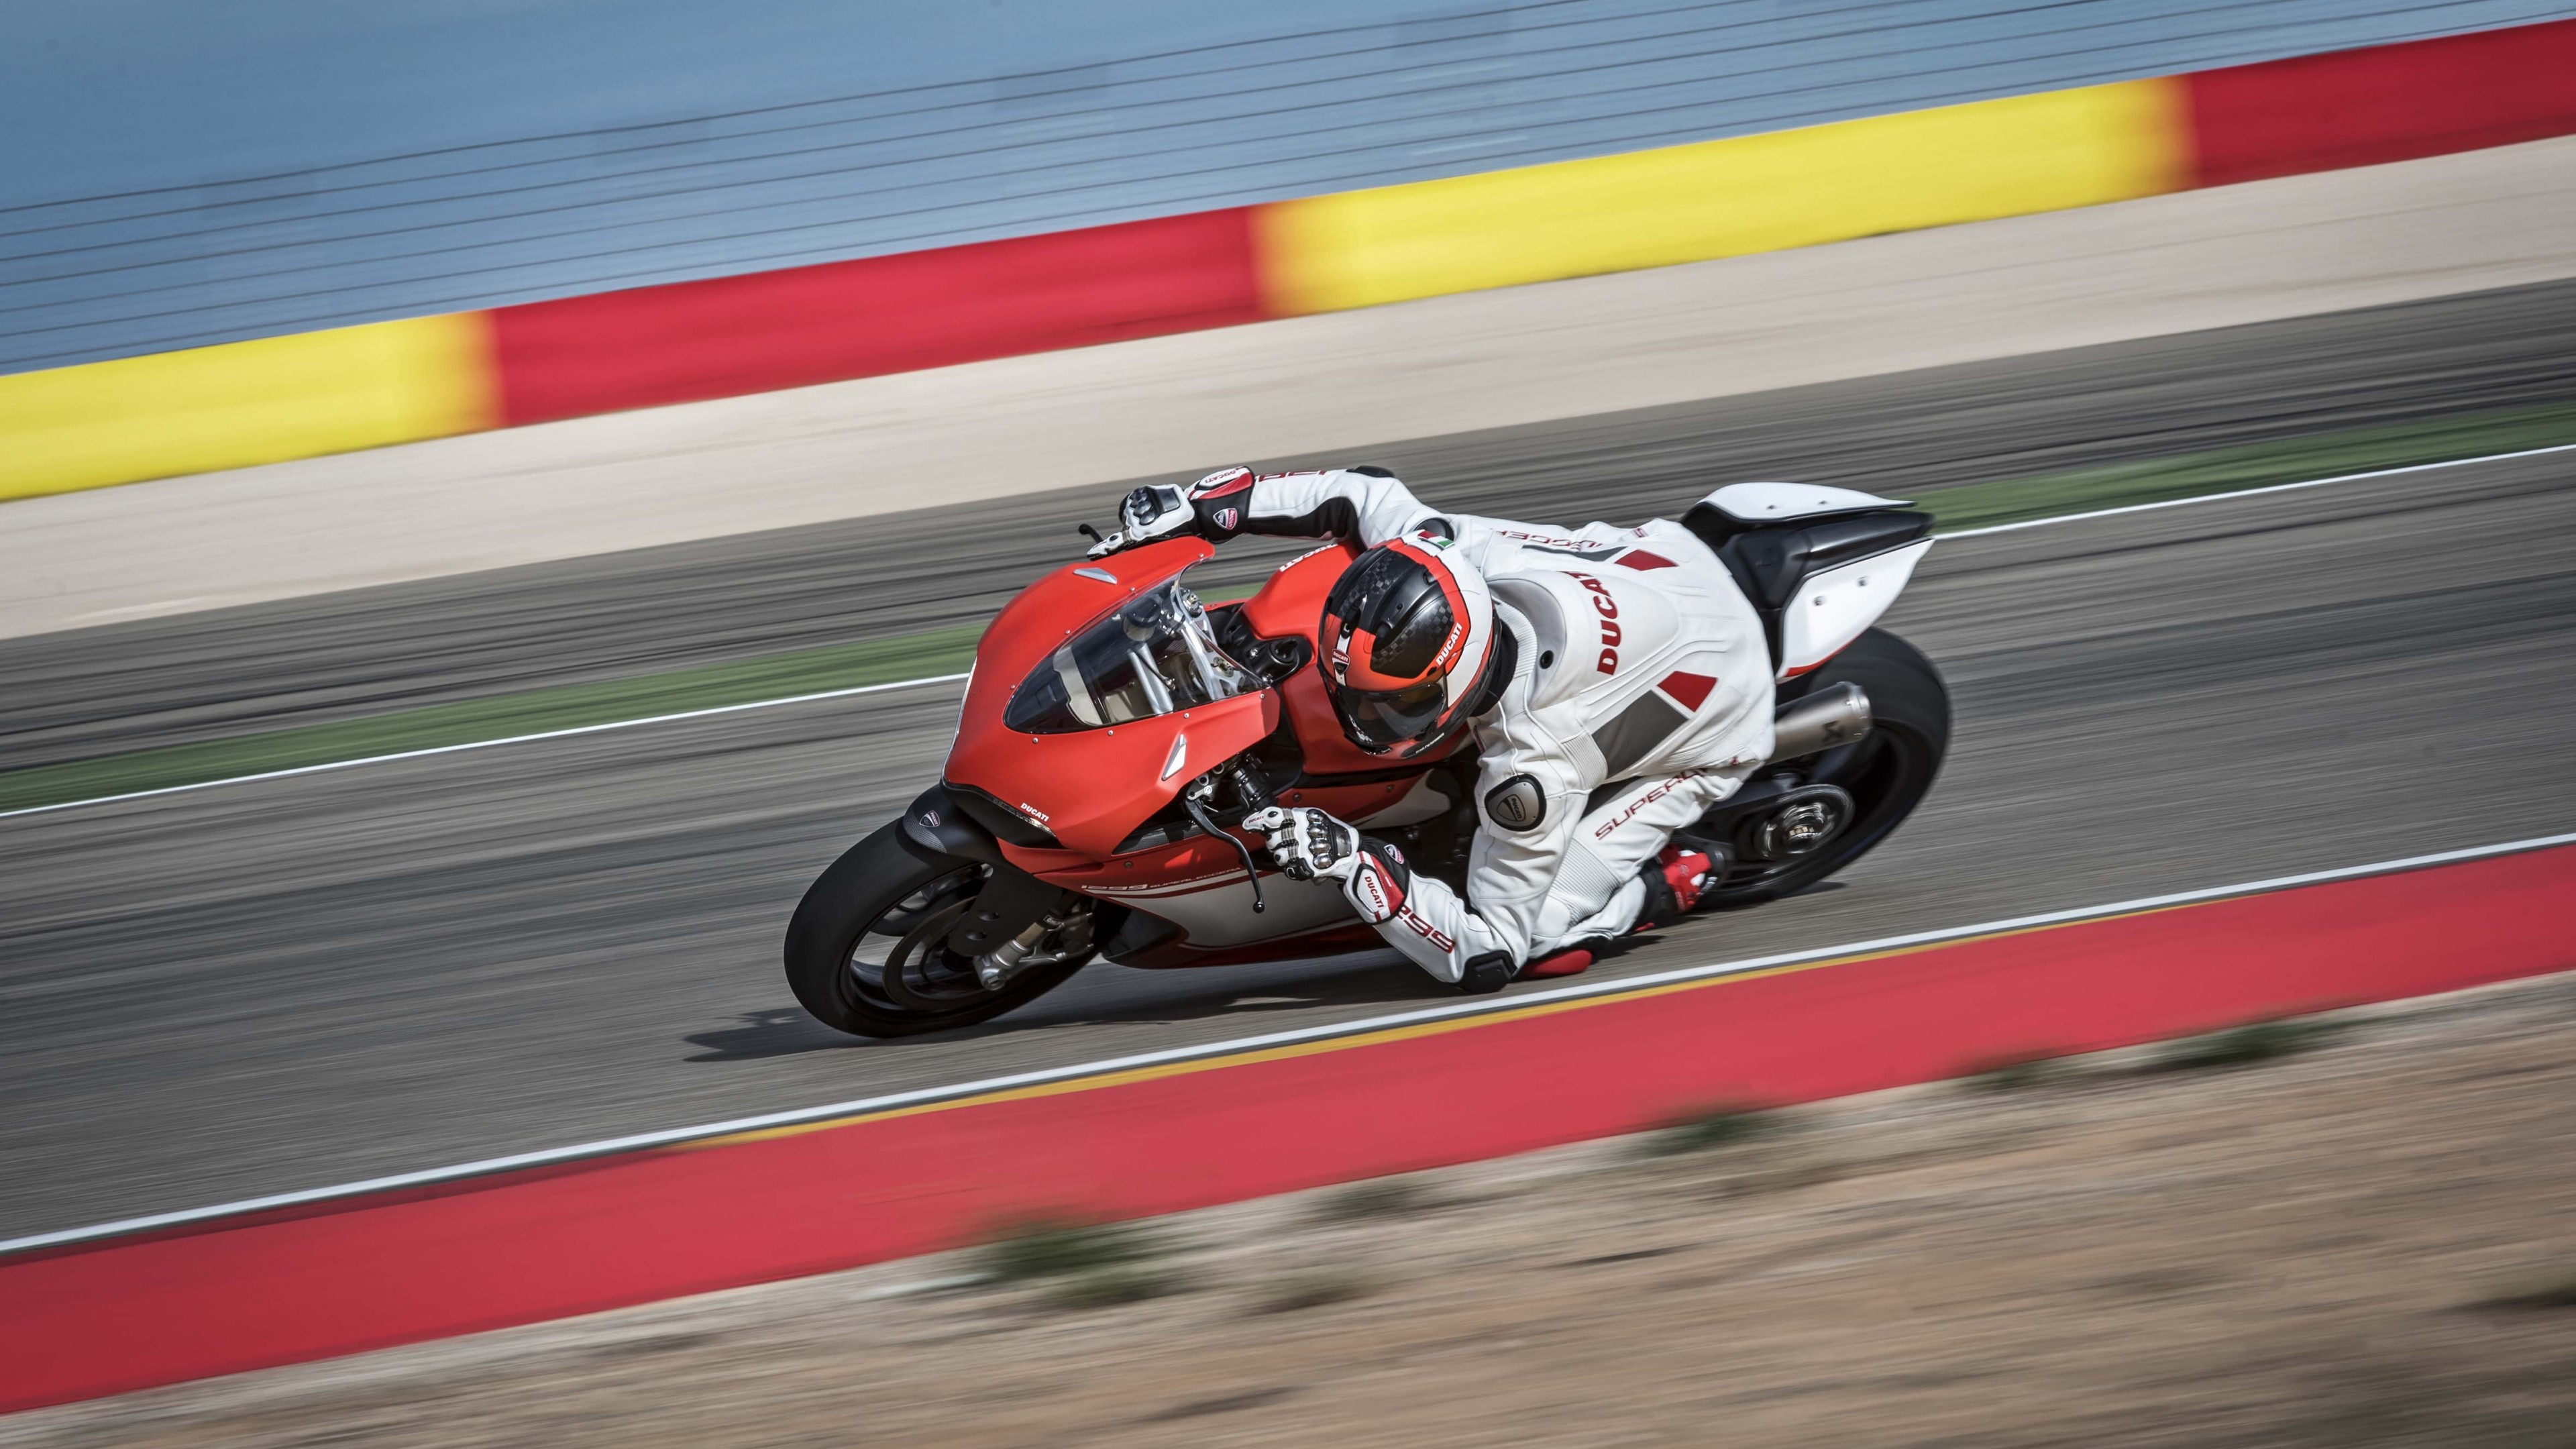 Мотокросс на спортивном мотоцикле